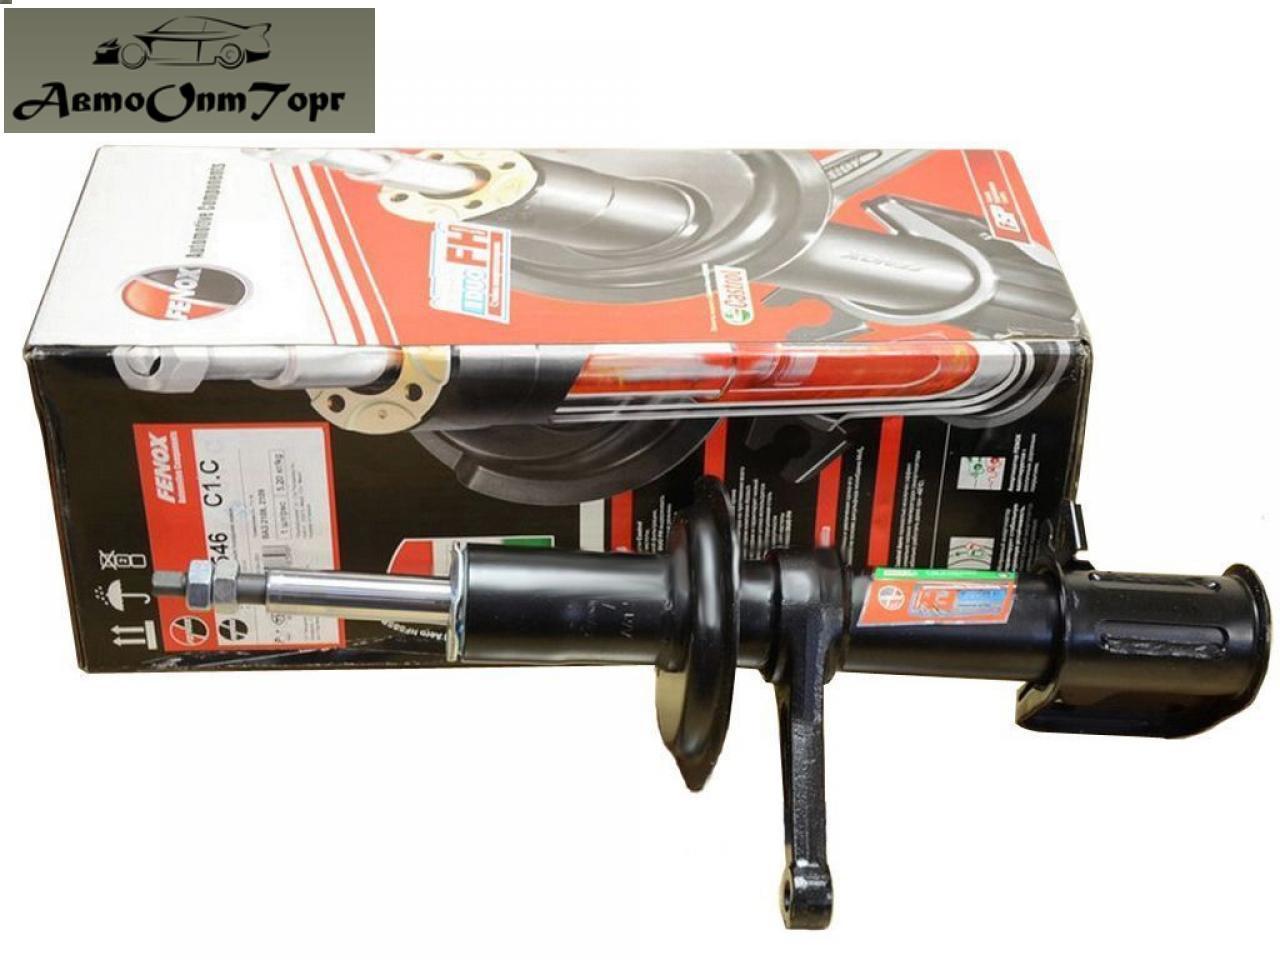 Амортизатор передний левый ВАЗ 2108, 2109, 21099, 2113, 2114, 2115, 2108-2905003, Fenox A61546